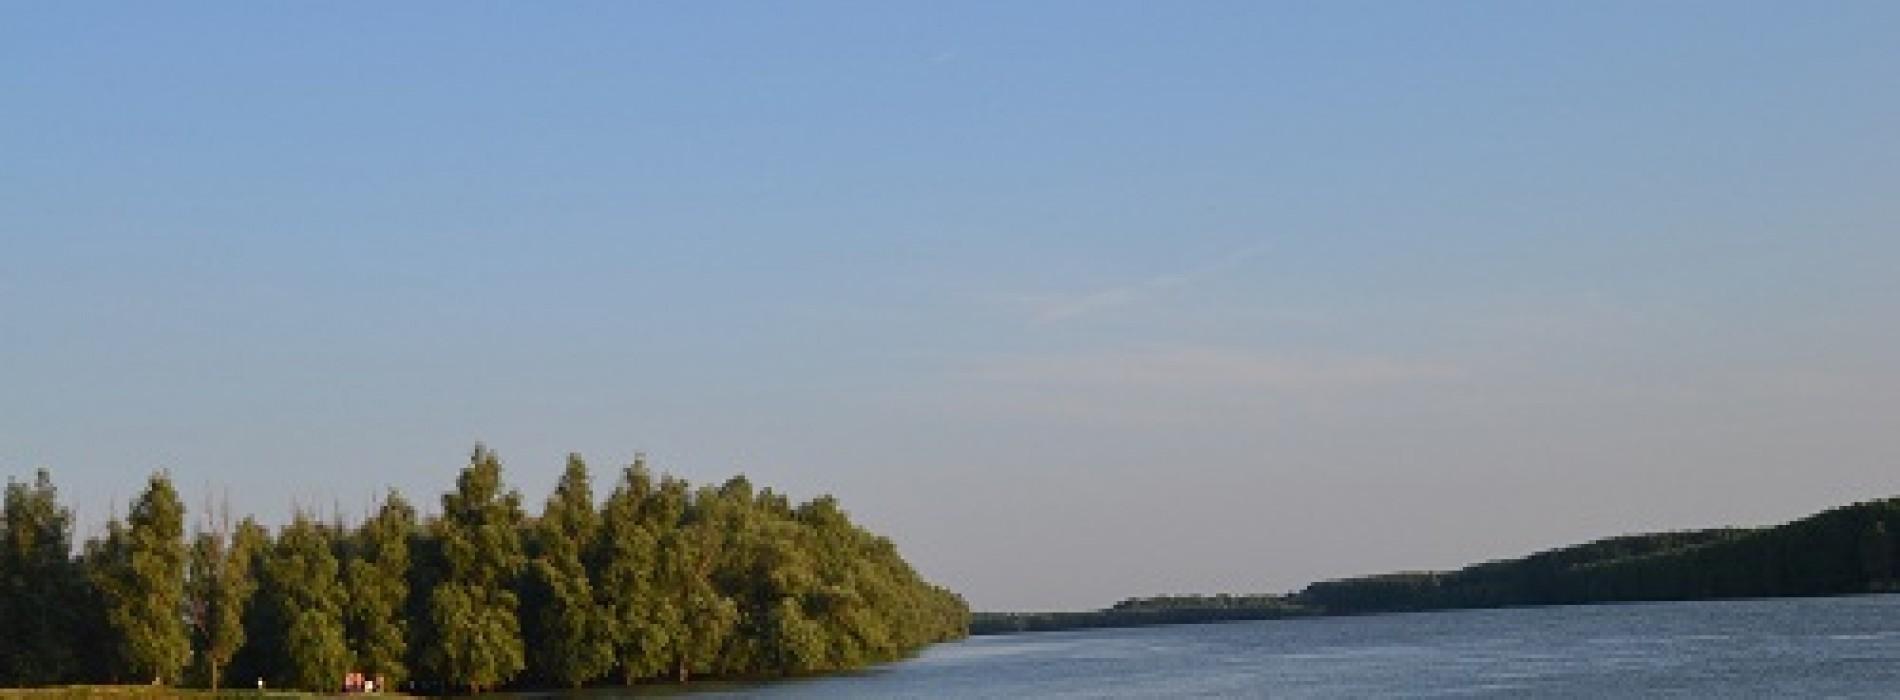 Vacanță activă în zona Măcinului, cu Dunăre și munți bătrâni